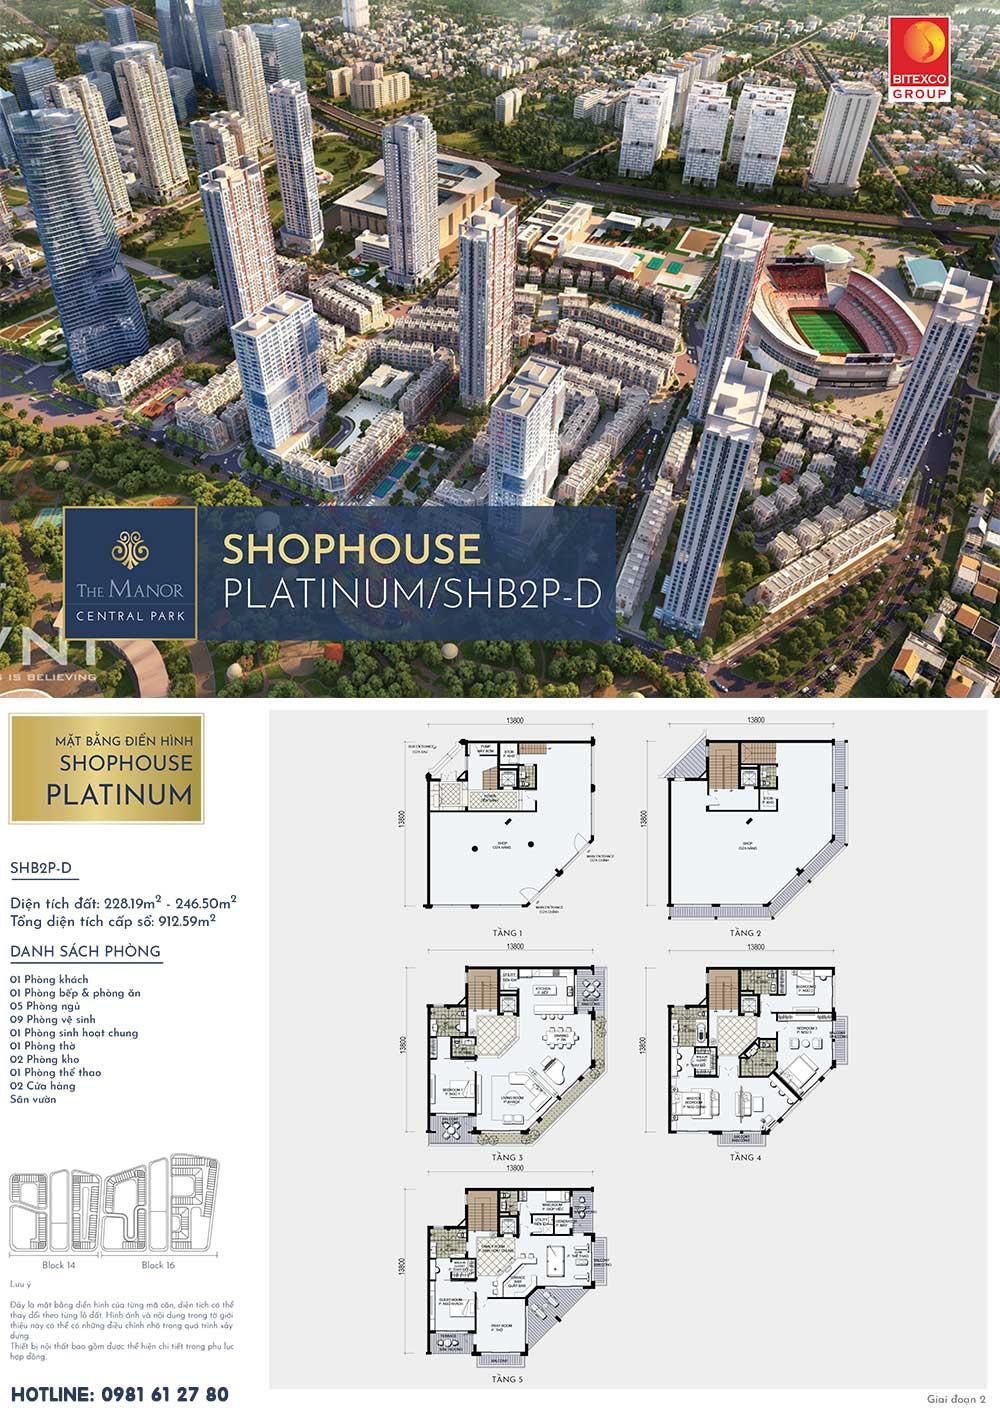 Mặt bằng thiết kế shophouse Platinum The Manor Central Park mẫu SHB2P-D